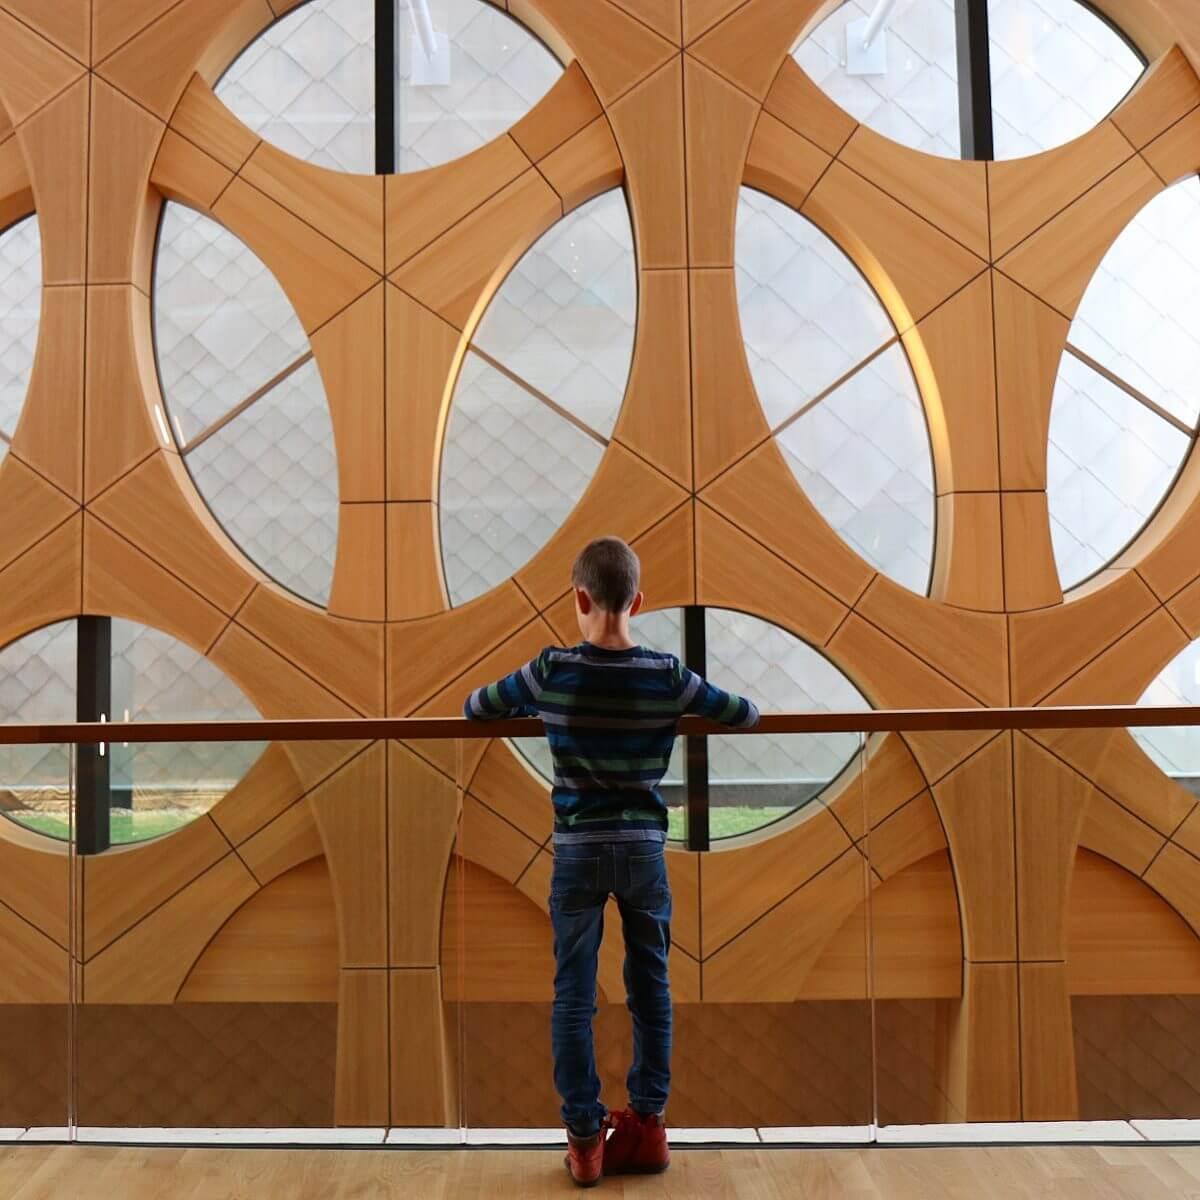 de architectuur van Naturalis in Leiden